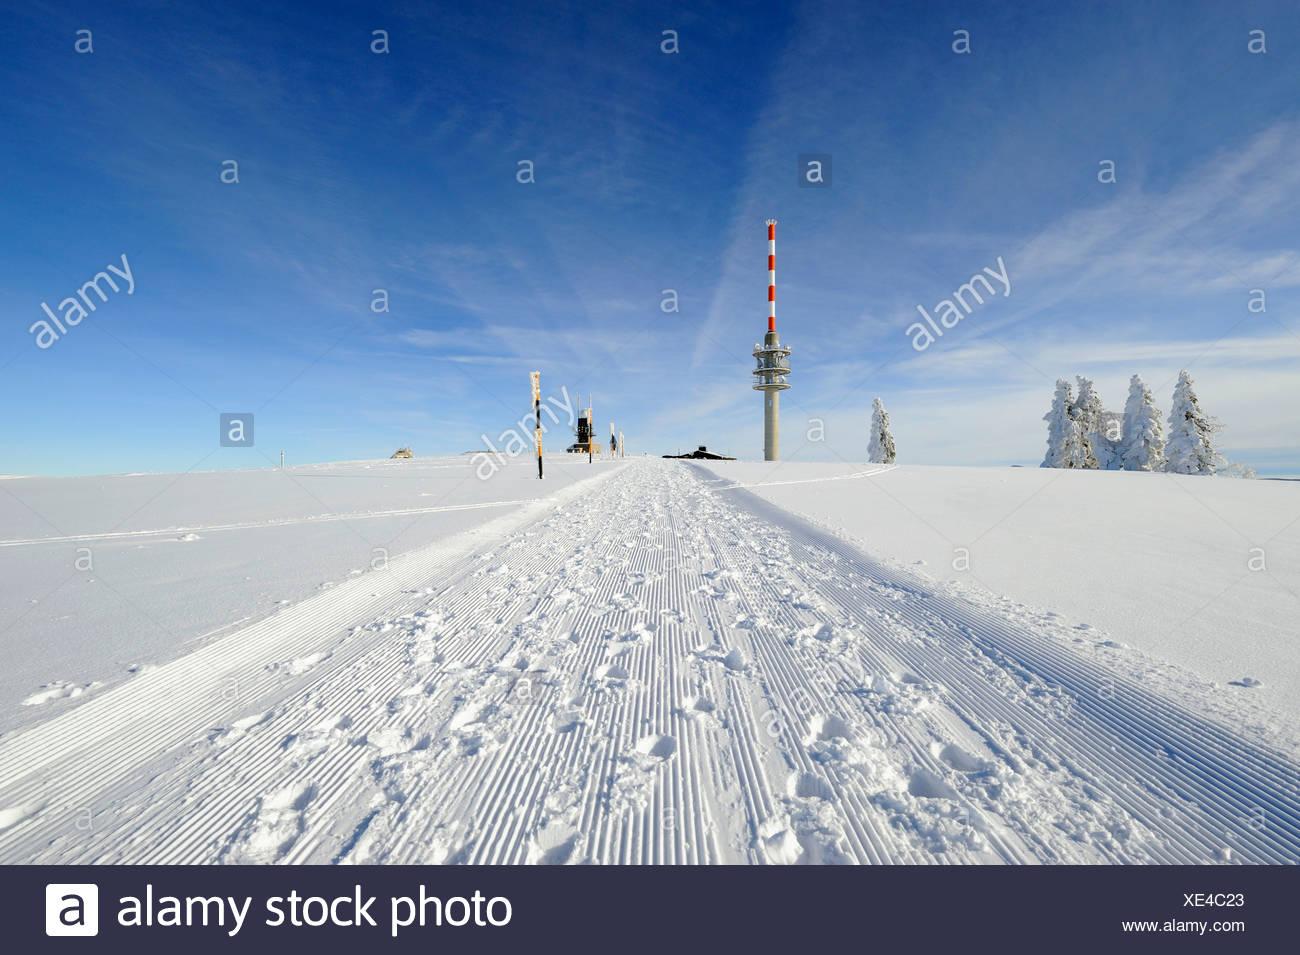 Recorrido en la nieve enrollada sesiones 1493m de alto Mt. Feldberg en la Selva Negra, en el horizonte de la nueva antena con el Feldbergturm Imagen De Stock